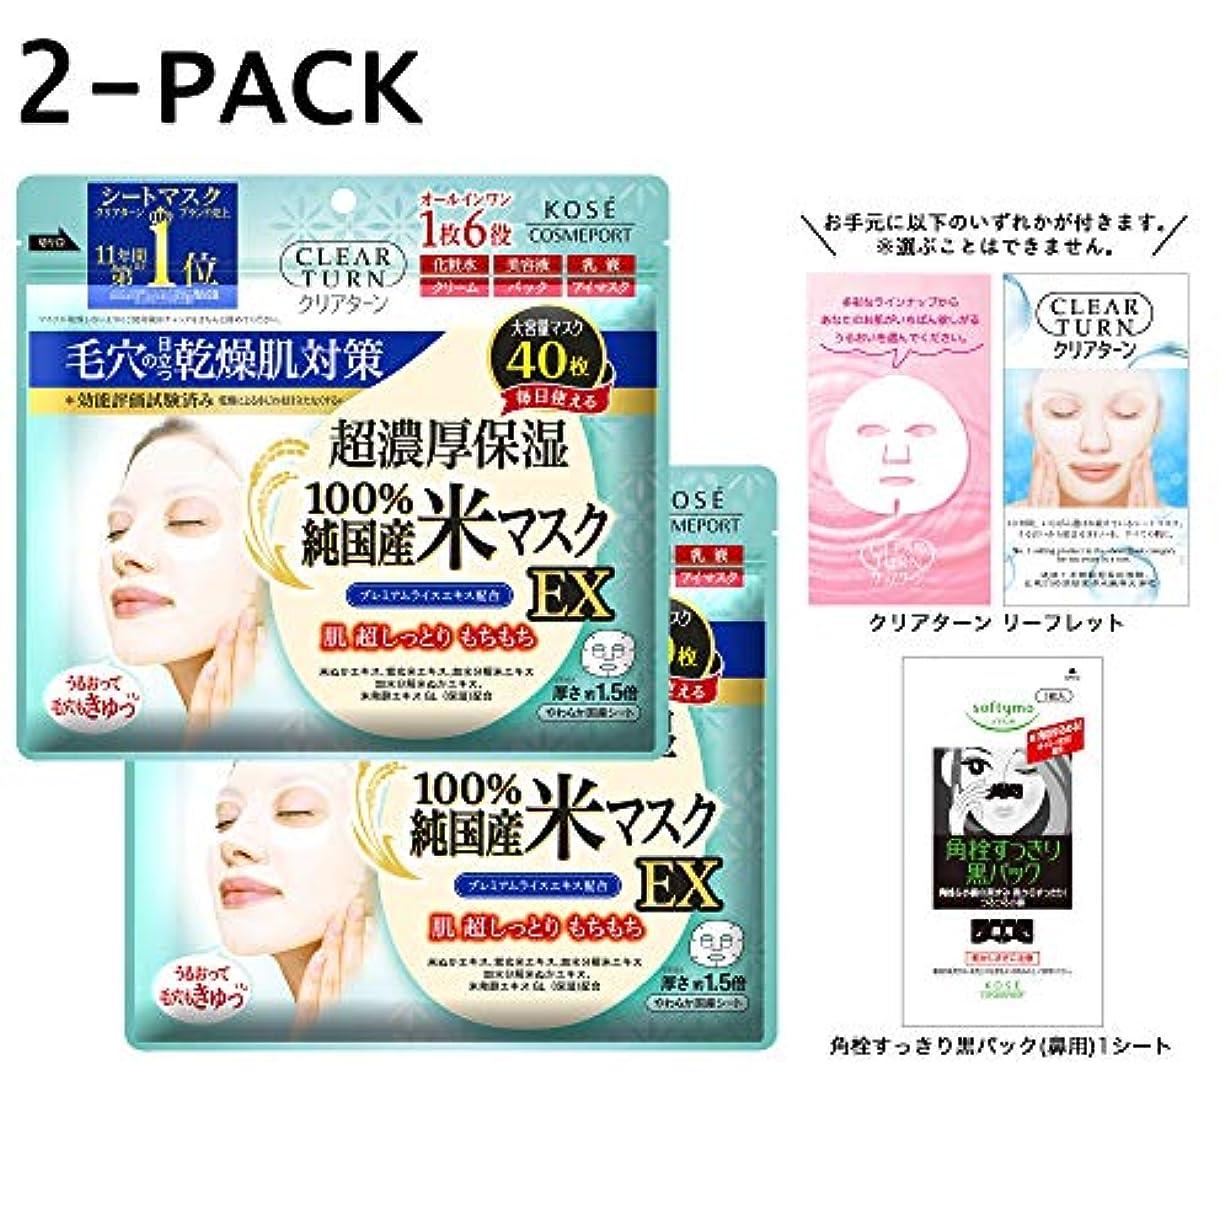 特権最大限緊急【Amazon.co.jp限定】KOSE クリアターン 純国産米マスク EX 40枚入 2P+リーフレット付き